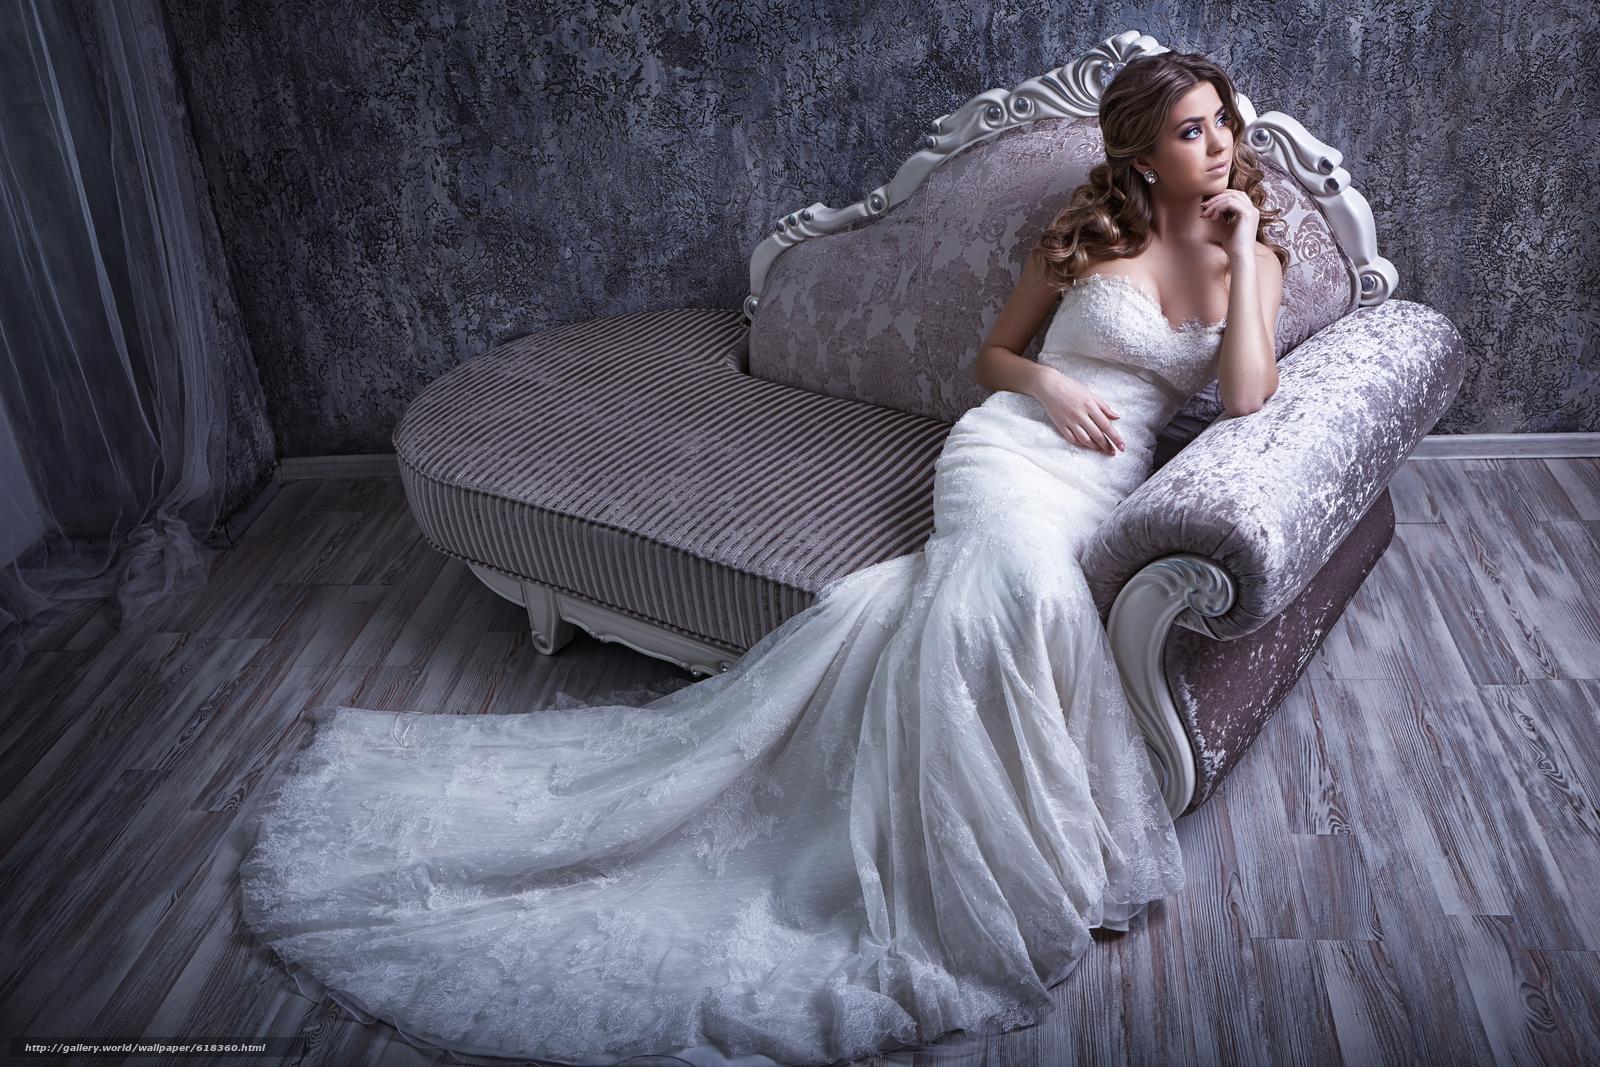 Скачать обои невеста,  свадебное платье,  платье,  диван бесплатно для рабочего стола в разрешении 5472x3648 — картинка №618360